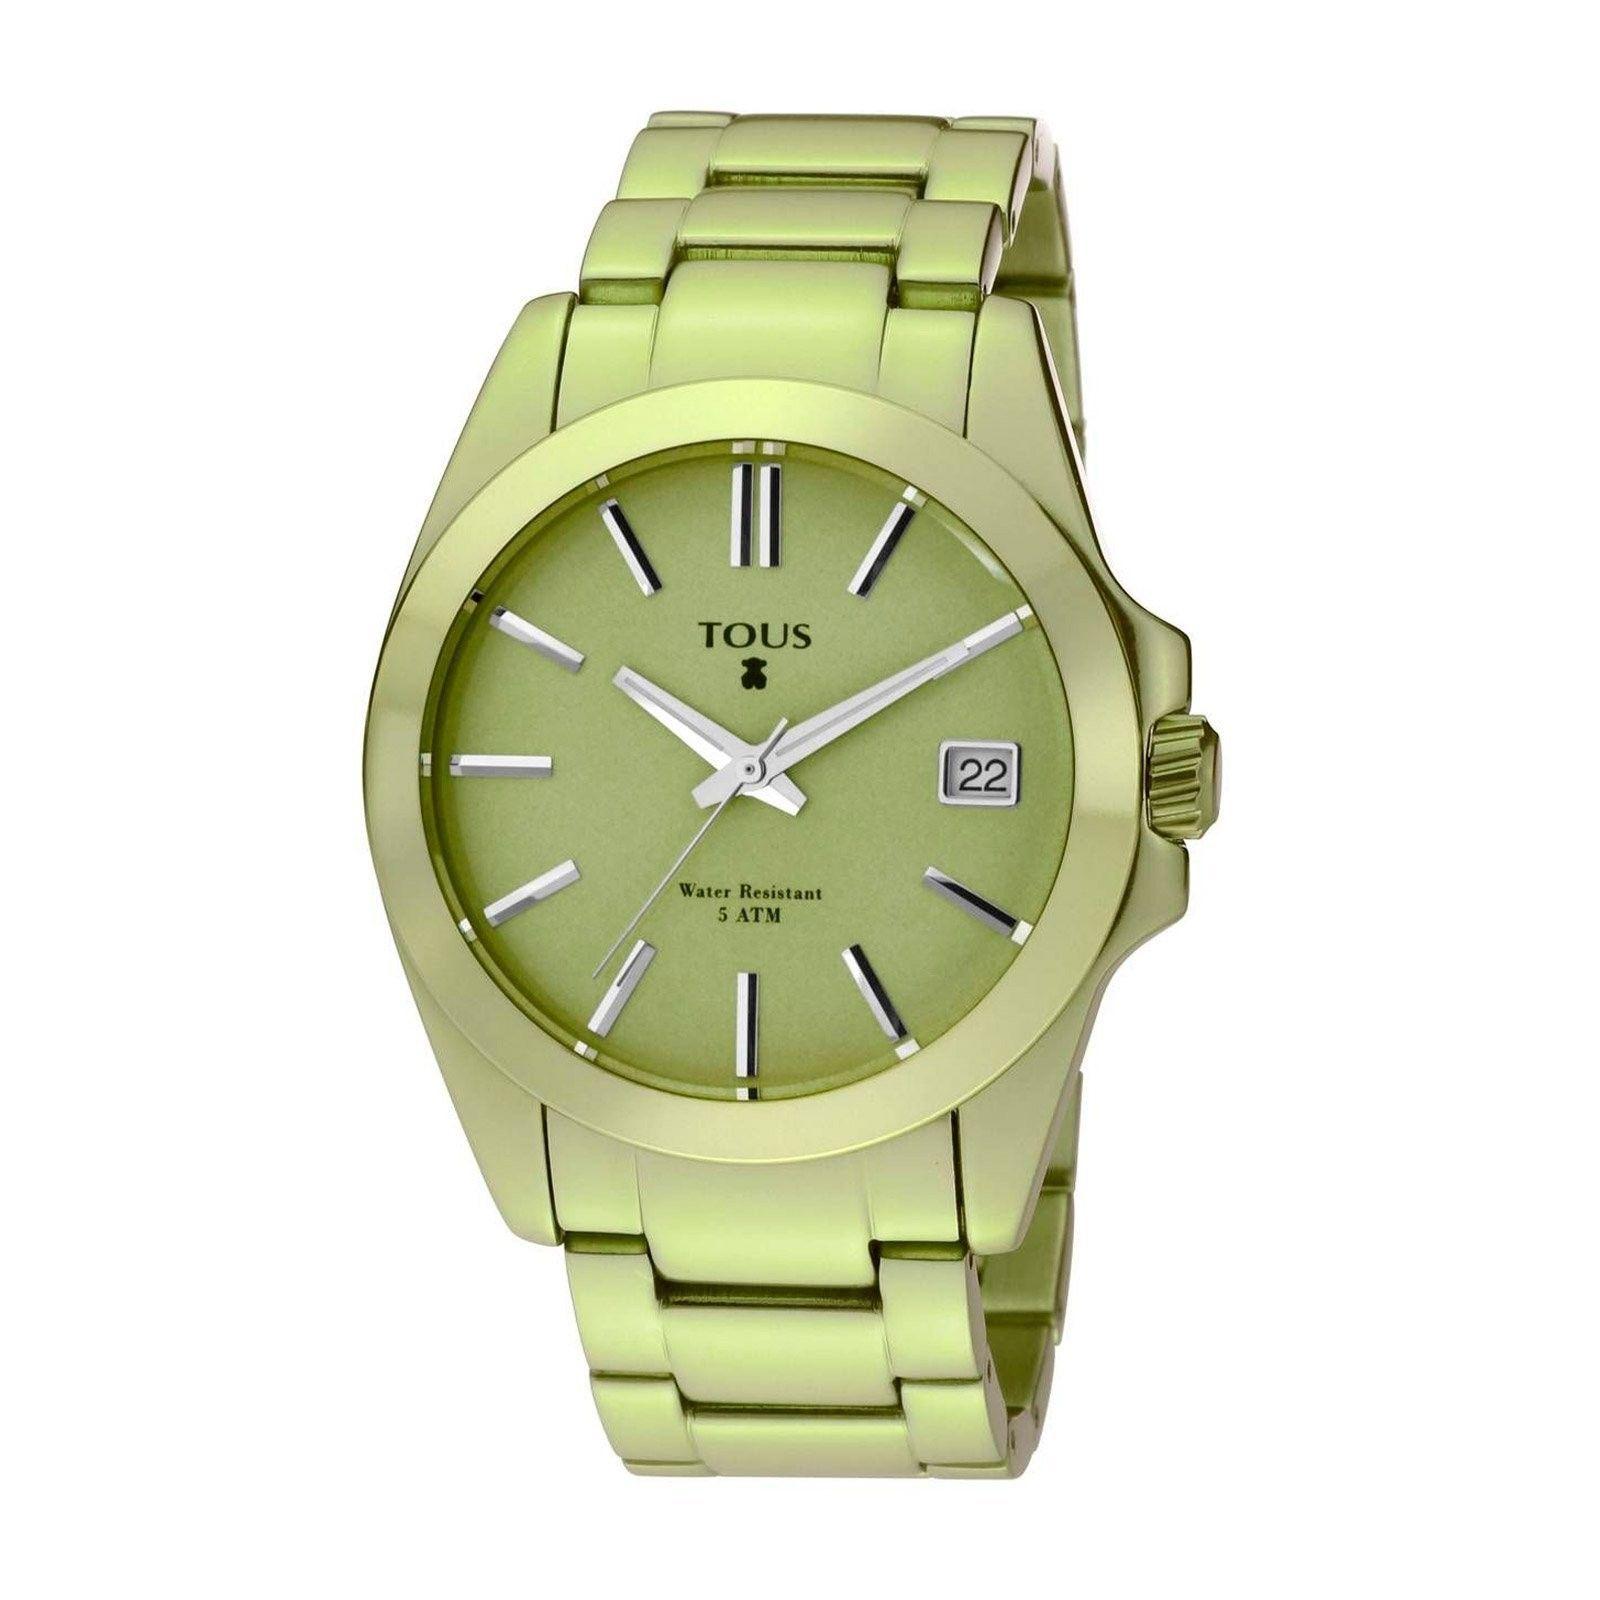 Reloj Drive Aluminio lima de aluminio | Tous jewelry